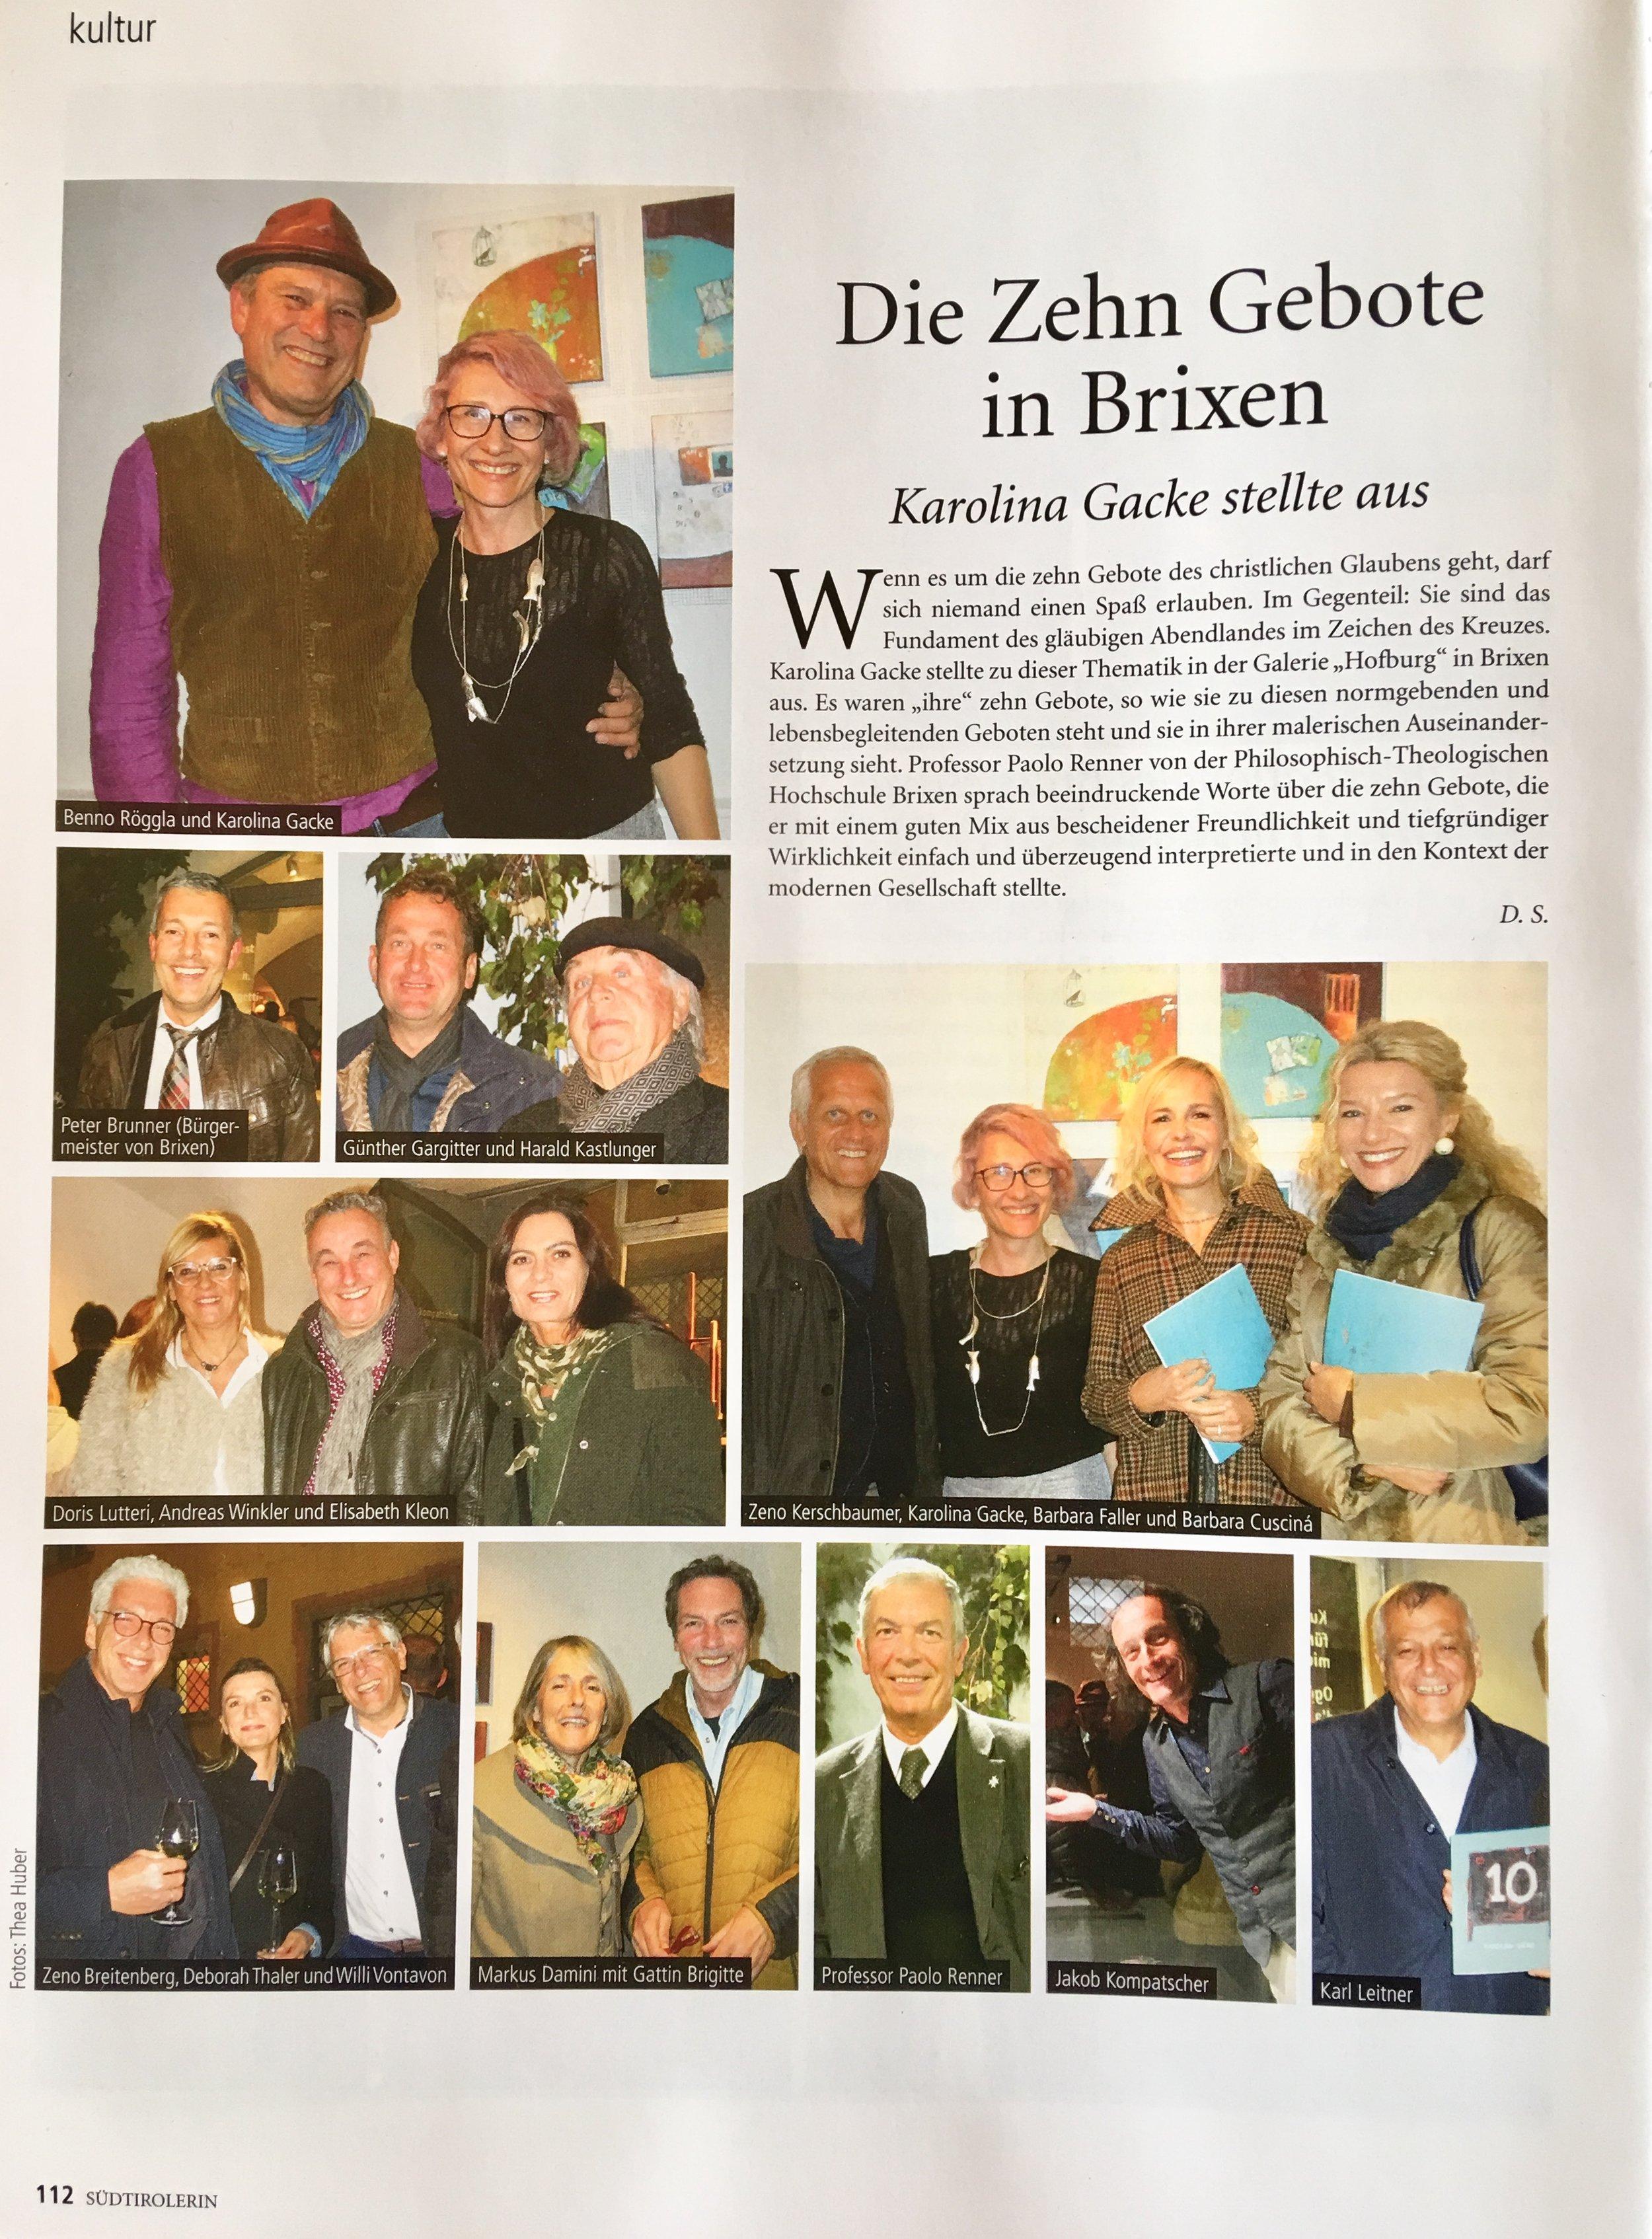 Artikel Südtirolerin 112017.jpg